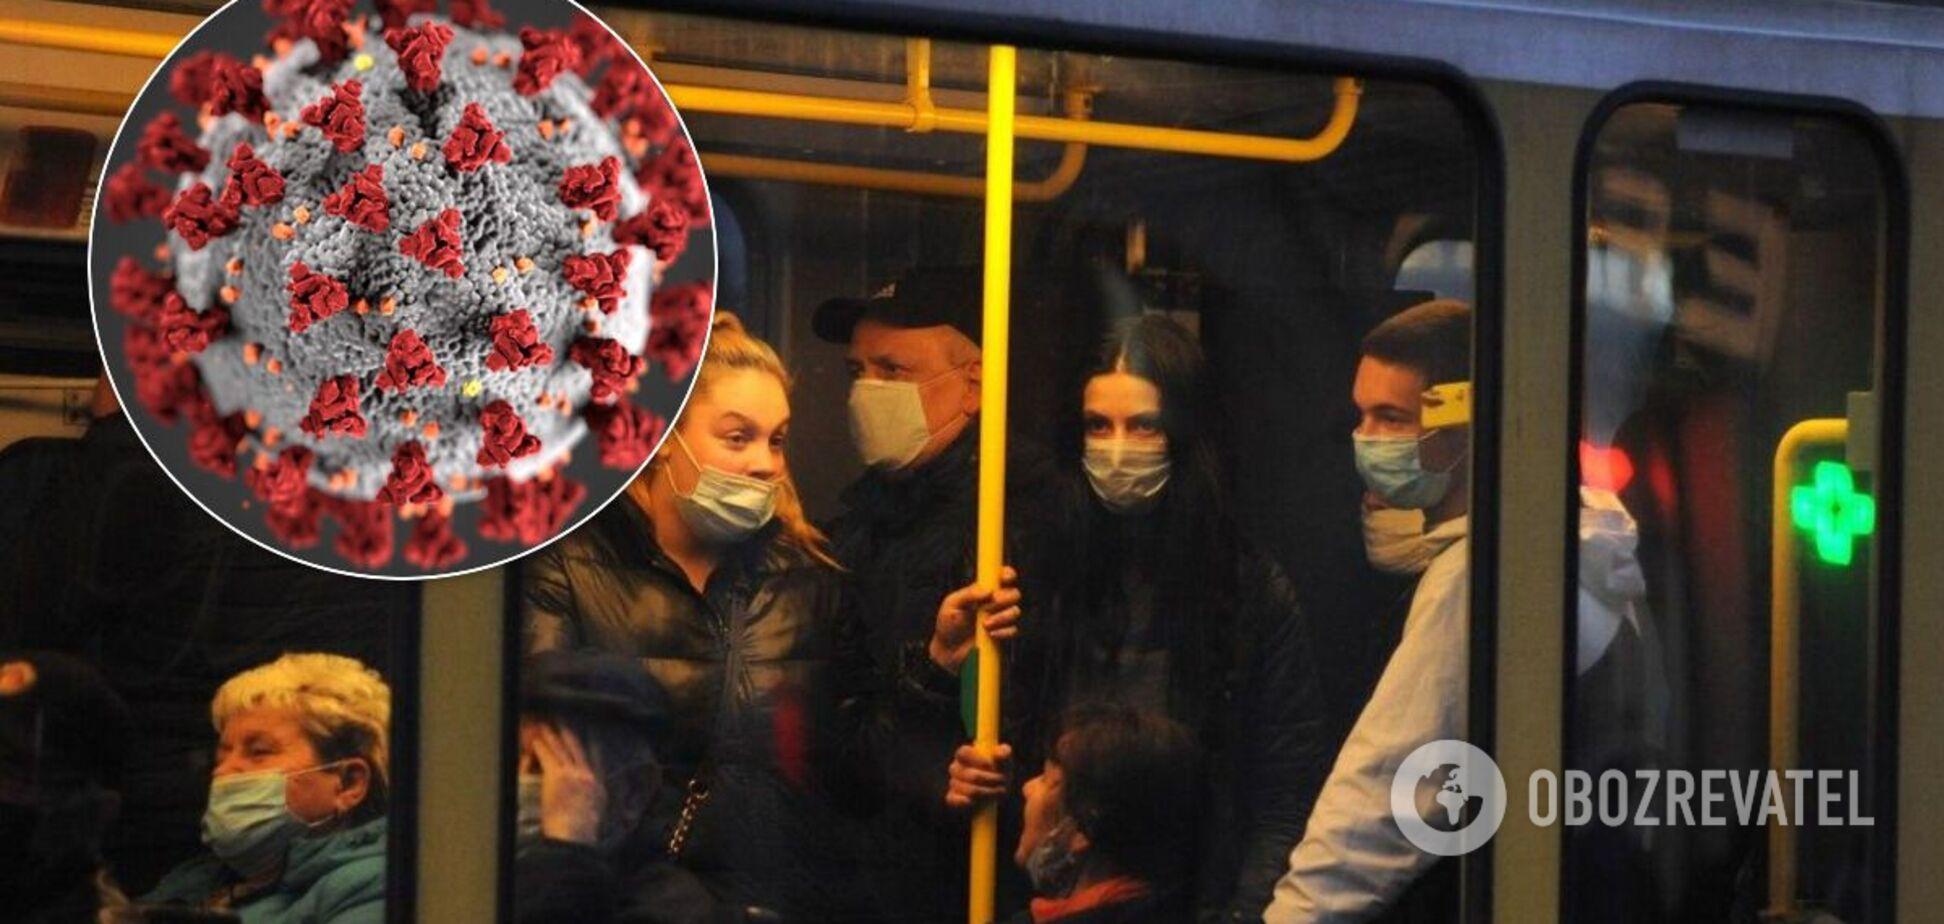 Карантин вихідного дня в Києві: в мерії повідомили плани на 21-22 листопада